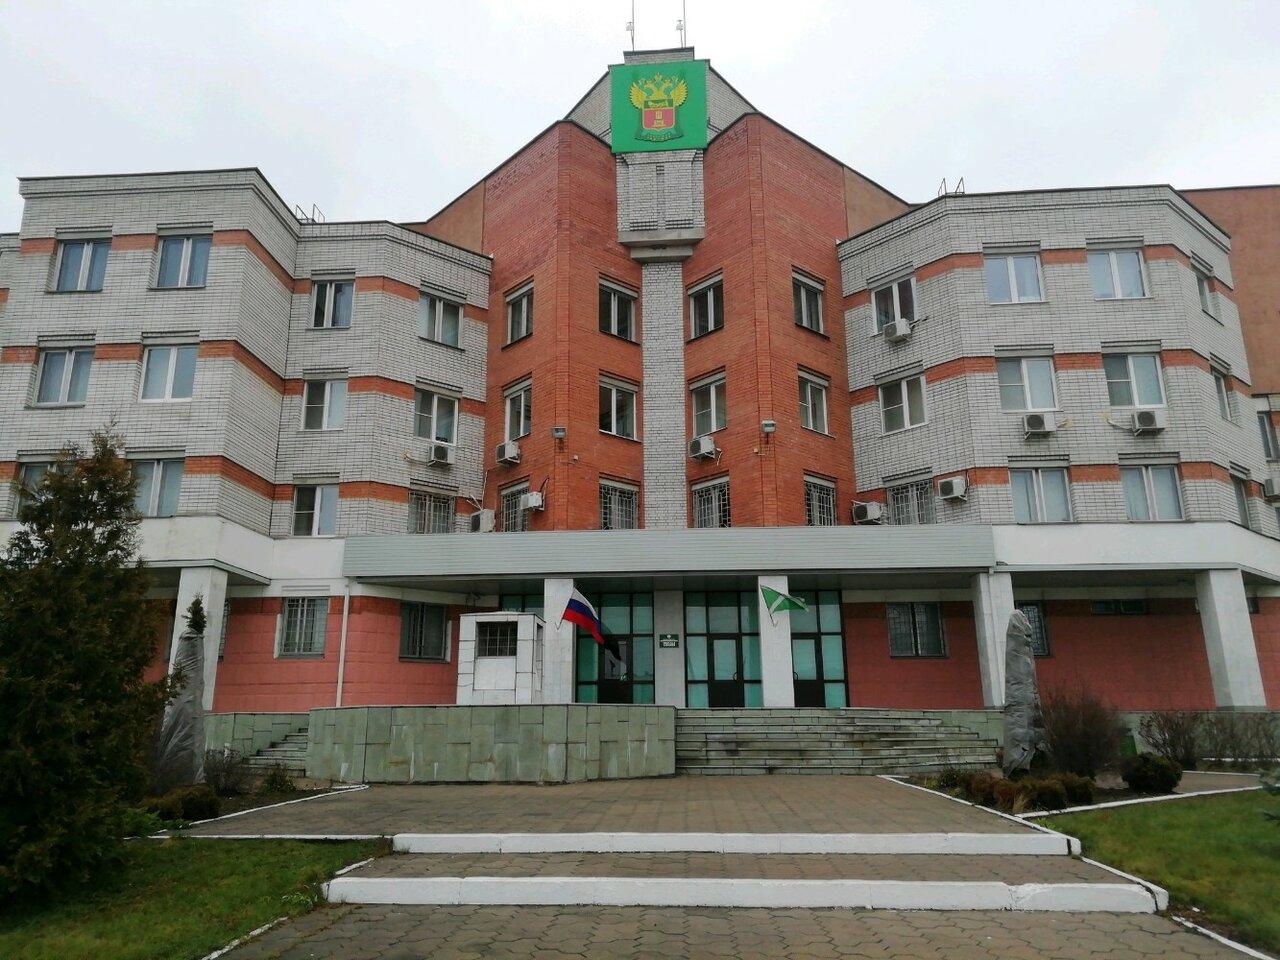 Таможня вновь выделила 29 млн рублей на проект создания дата-центра в Твери